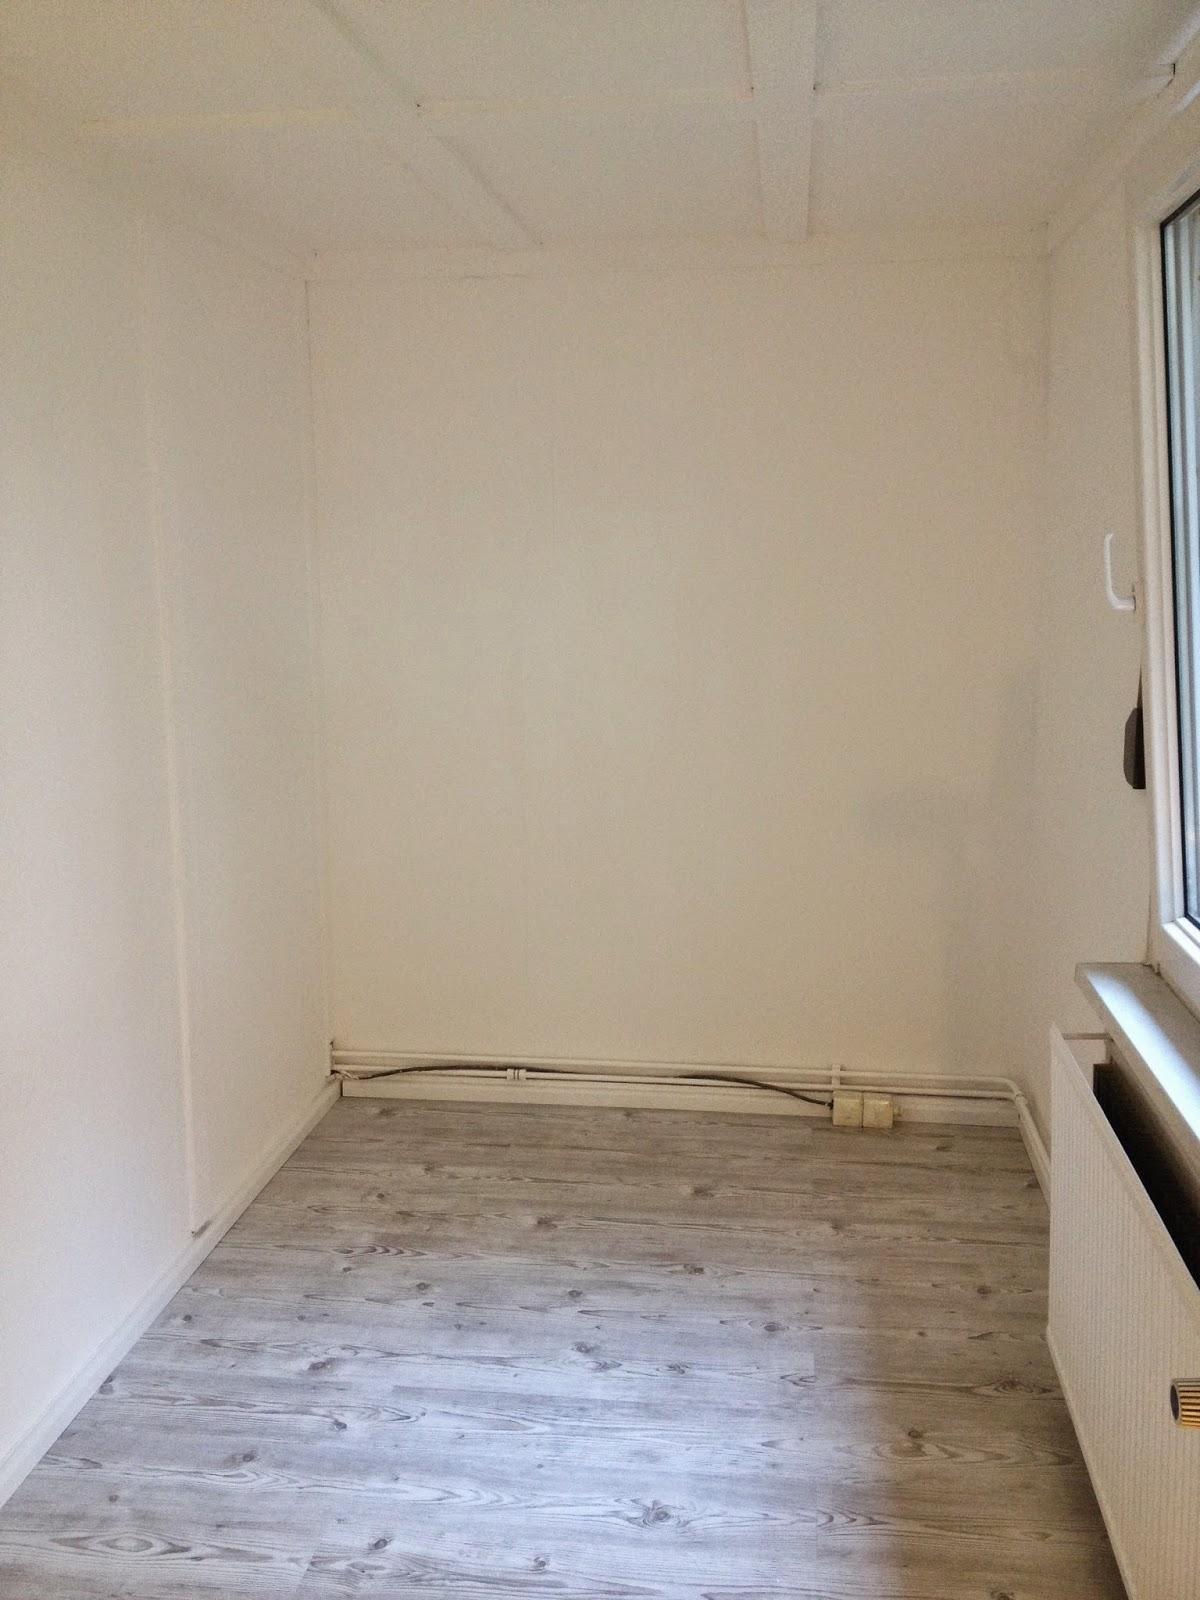 Zimmerplanung  Wohnzimmerz: Zimmerplanung d With LauxHaus: Mia&s Zimmer Planung ...